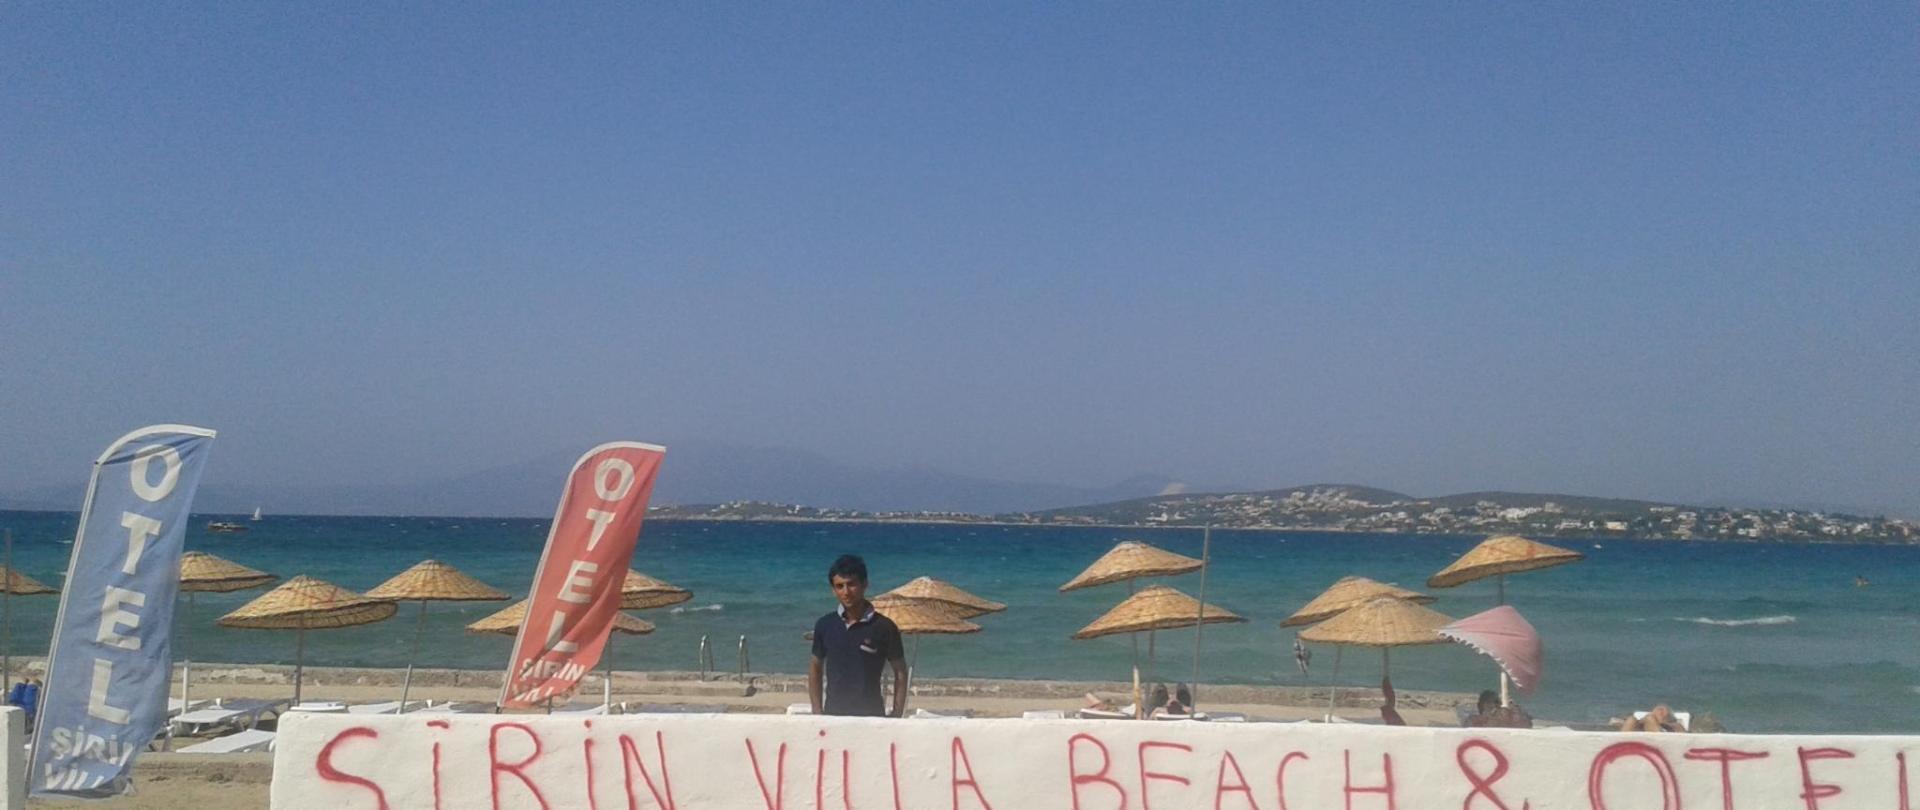 Sirin Villa